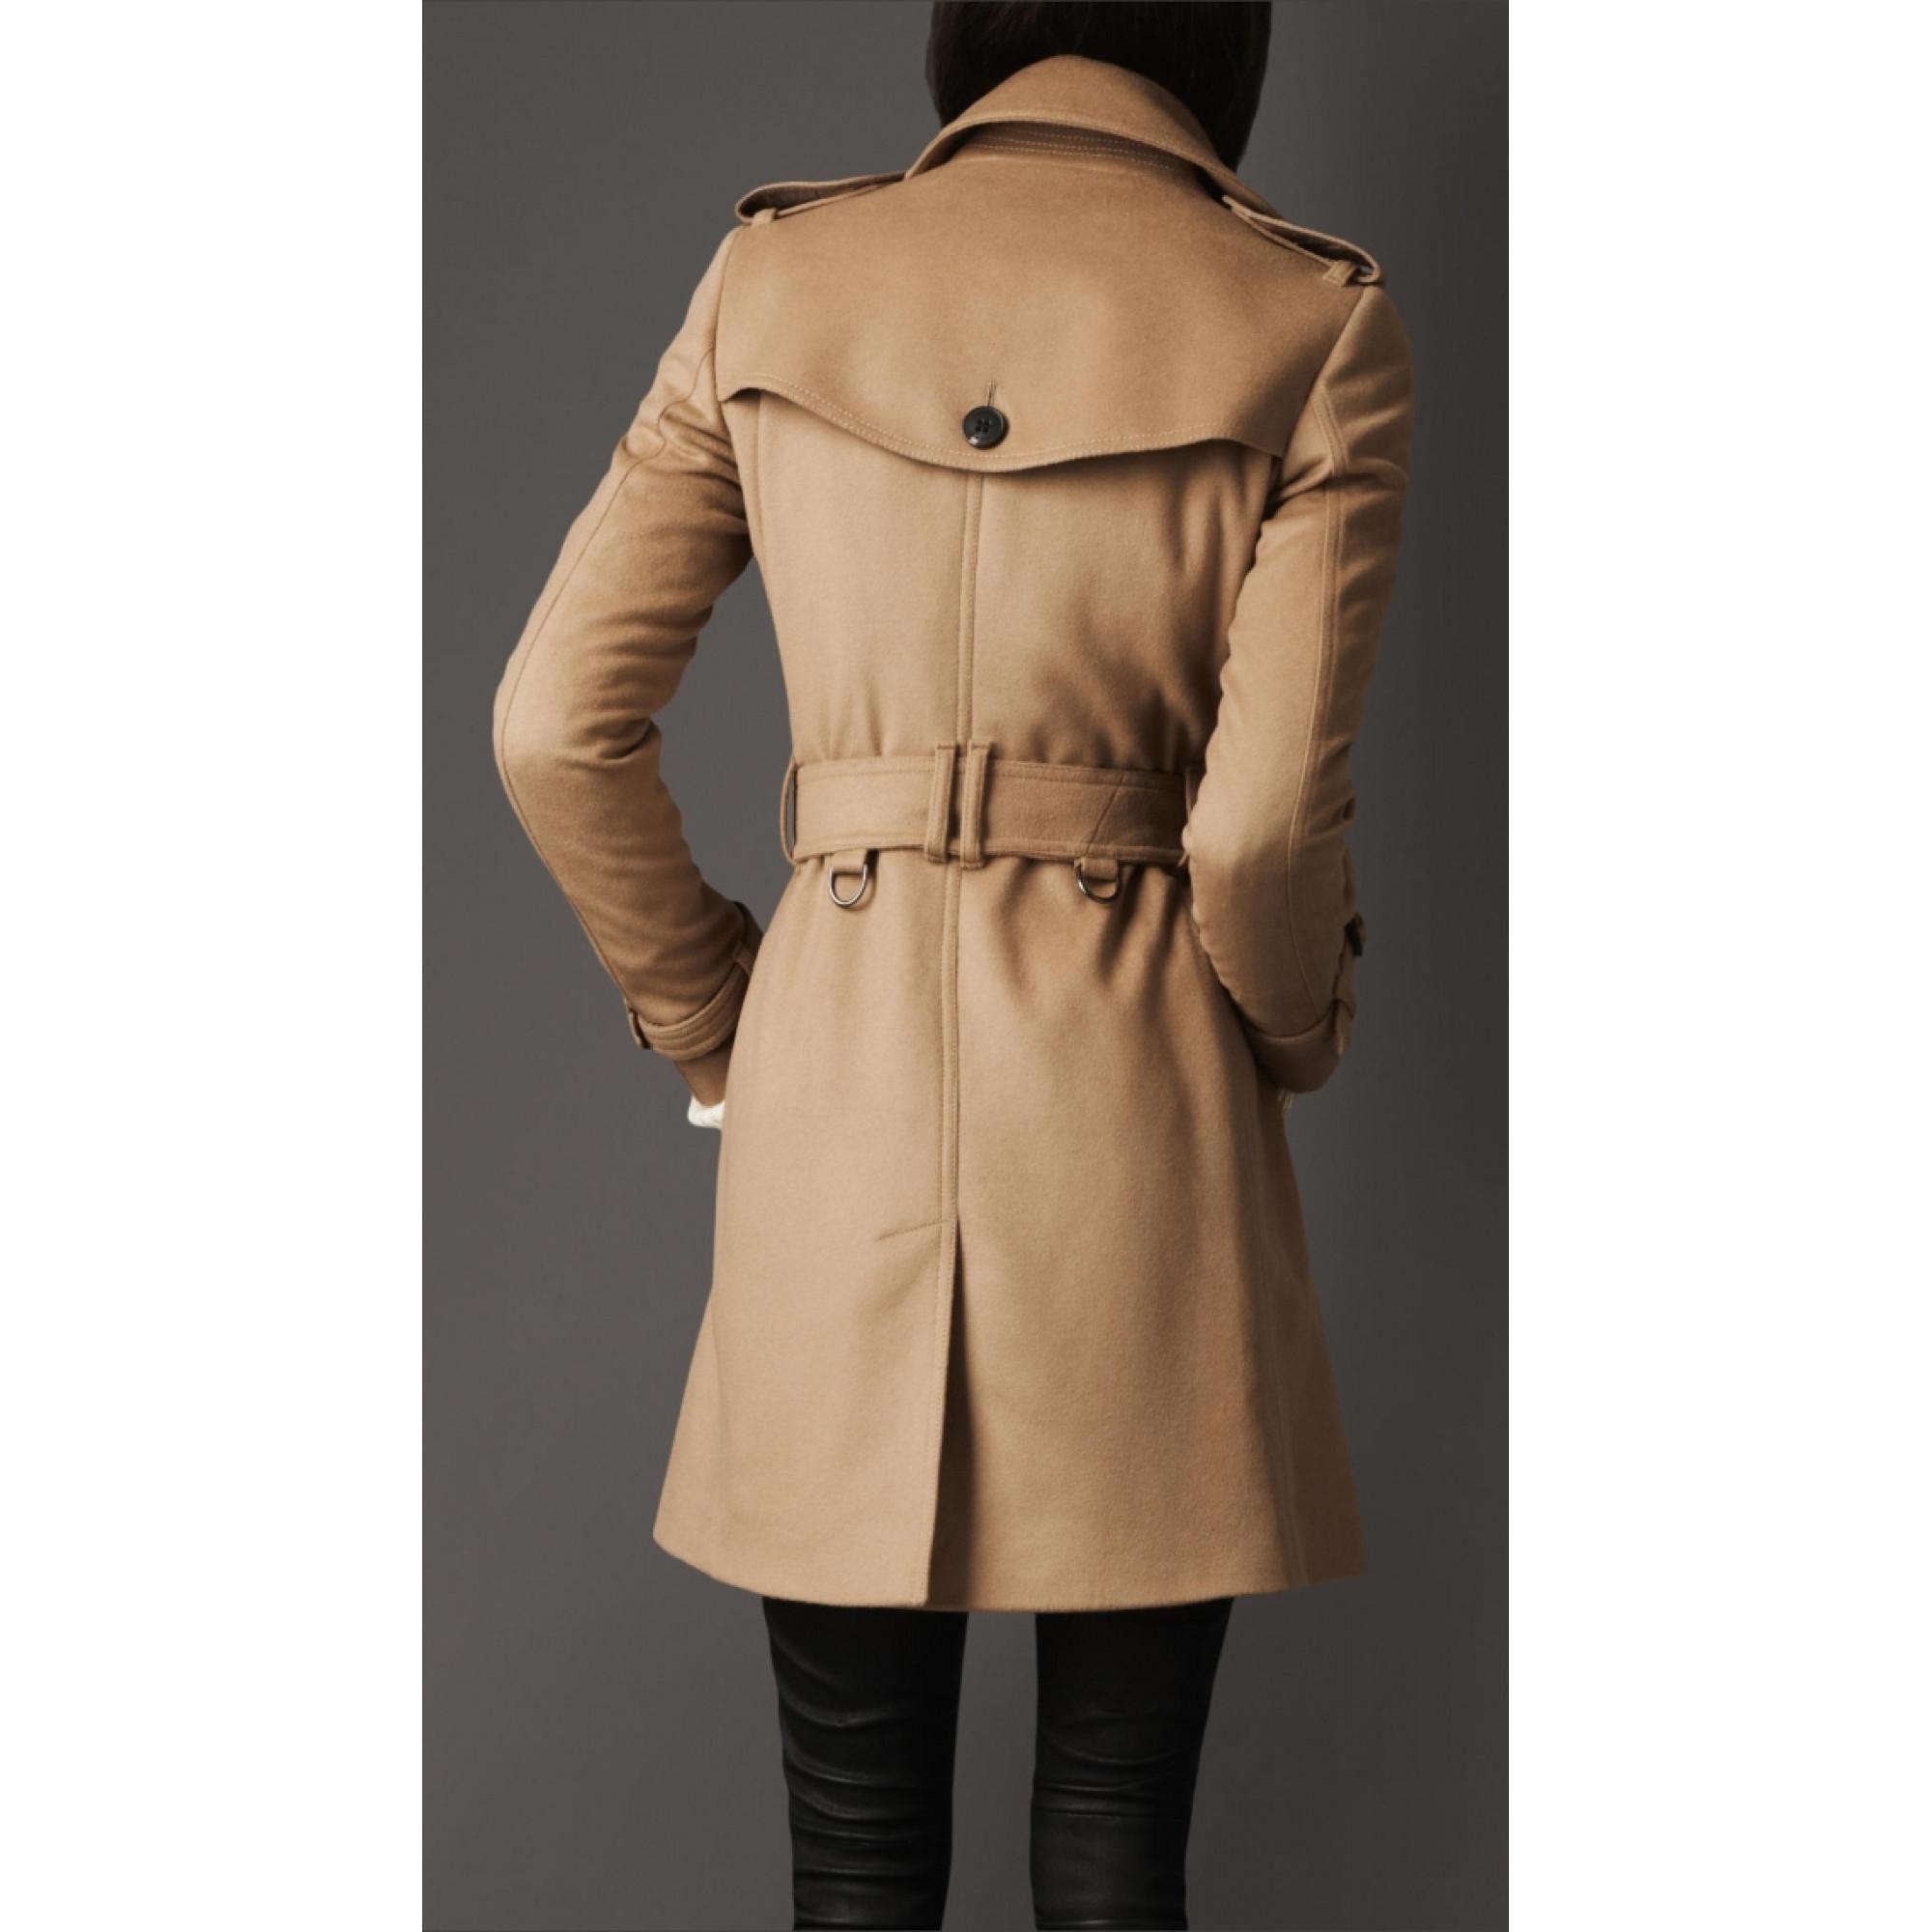 Купить пальто Burberry бежевого цвета — в Киеве, код товара 17559 6679f1b48dd